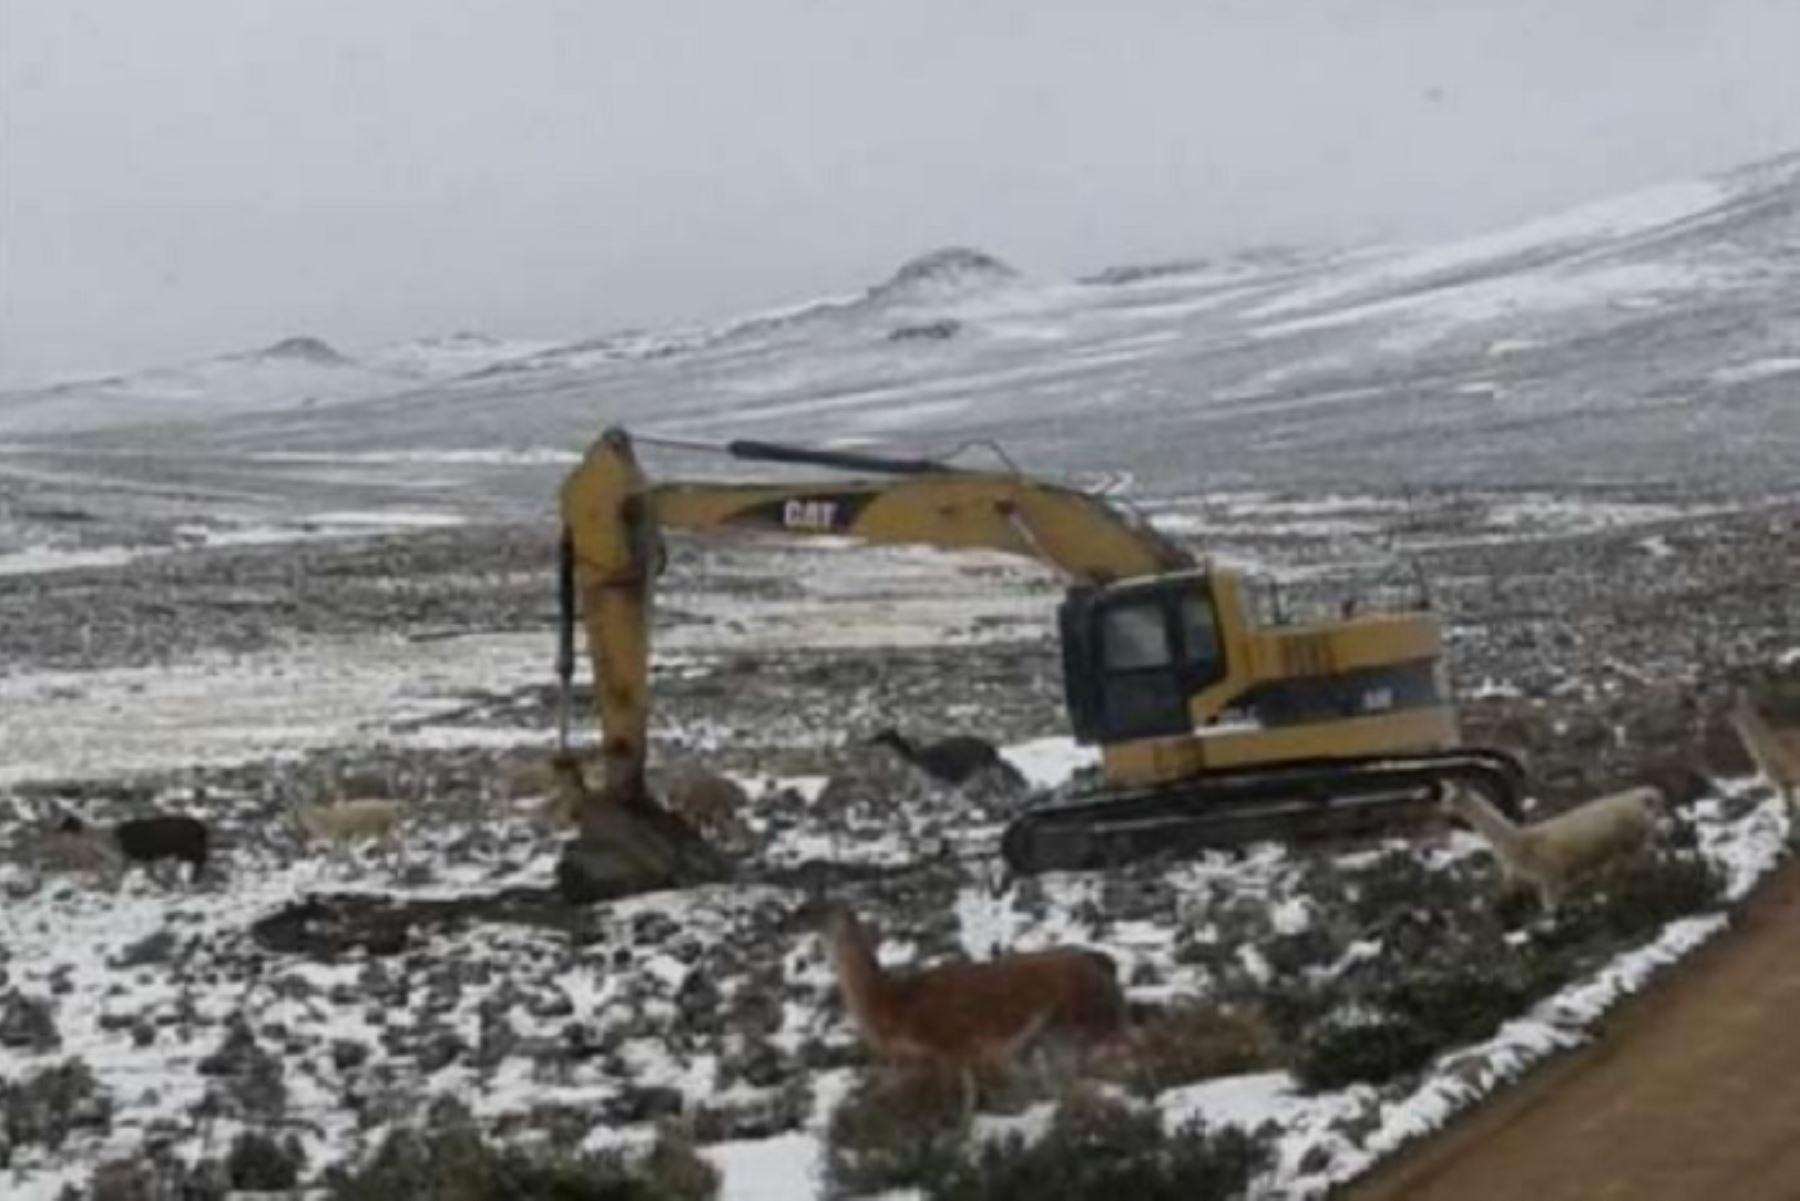 Personal de la Municipalidad Distrital de Chojata, en la provincia General Sánchez Cerro,región Moquegua, realiza trabajos de mantenimiento en las vías de comunicación que presentan daños a causa de las nevadas que se registran en esa zona.